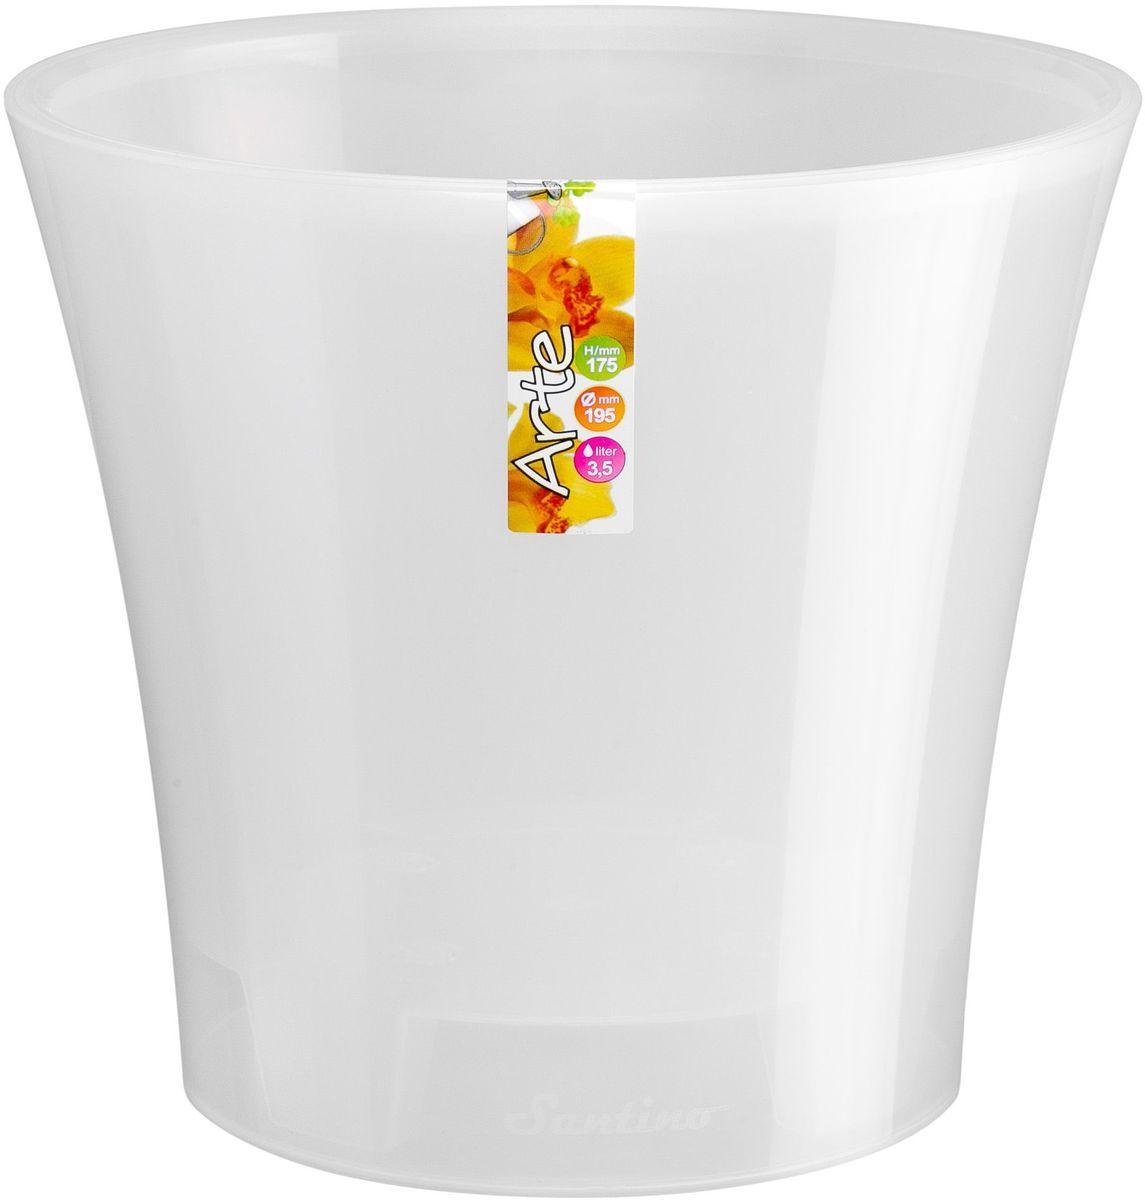 Горшок цветочный Santino Арте, двойной, с системой автополива, цвет: прозрачный, 2 л531-101Горшок цветочный Santino Арте снабжен дренажной системой и состоит из кашпо и вазона-вкладыша. Изготовлен из пластика. Особенность: тарелочка или блюдце не нужны. Горшок предназначен для любых растений или цветов. Цветочный дренаж – это система, которая позволяет выводить лишнюю влагу через корневую систему цветка и слой почвы. Растение – это живой организм, следовательно, ему необходимо дышать. В доступе к кислороду нуждаются все части растения: -листья; -корневая система. Если цветовод по какой-либо причине зальет цветок водой, то она буквально вытеснит из почвенного слоя все пузырьки кислорода. Анаэробная среда способствует развитию различного рода бактерий. Безвоздушная среда приводит к загниванию корневой системы, цветок в результате увядает. Суть работы дренажной системы заключается в том, чтобы осуществлять отвод лишней влаги от растения и давать возможность корневой системе дышать без проблем. Следовательно, каждому цветку необходимо: -иметь в основании цветочного горшочка хотя бы одно небольшое дренажное отверстие. Оно необходимо для того, чтобы через него выходила лишняя вода, плюс ко всему это отверстие дает возможность циркулировать воздух. -на самом дне горшка необходимо выложить слоем в 2-5 см (зависит от вида растения) дренаж.УВАЖАЕМЫЕ КЛИЕНТЫ!Обращаем ваше внимание на тот факт, что фото изделия служит для визуального восприятия товара. Литраж и размеры, представленные на этикетке товара, могут по факту отличаться от реальных. Корректные данные в поле Размеры.